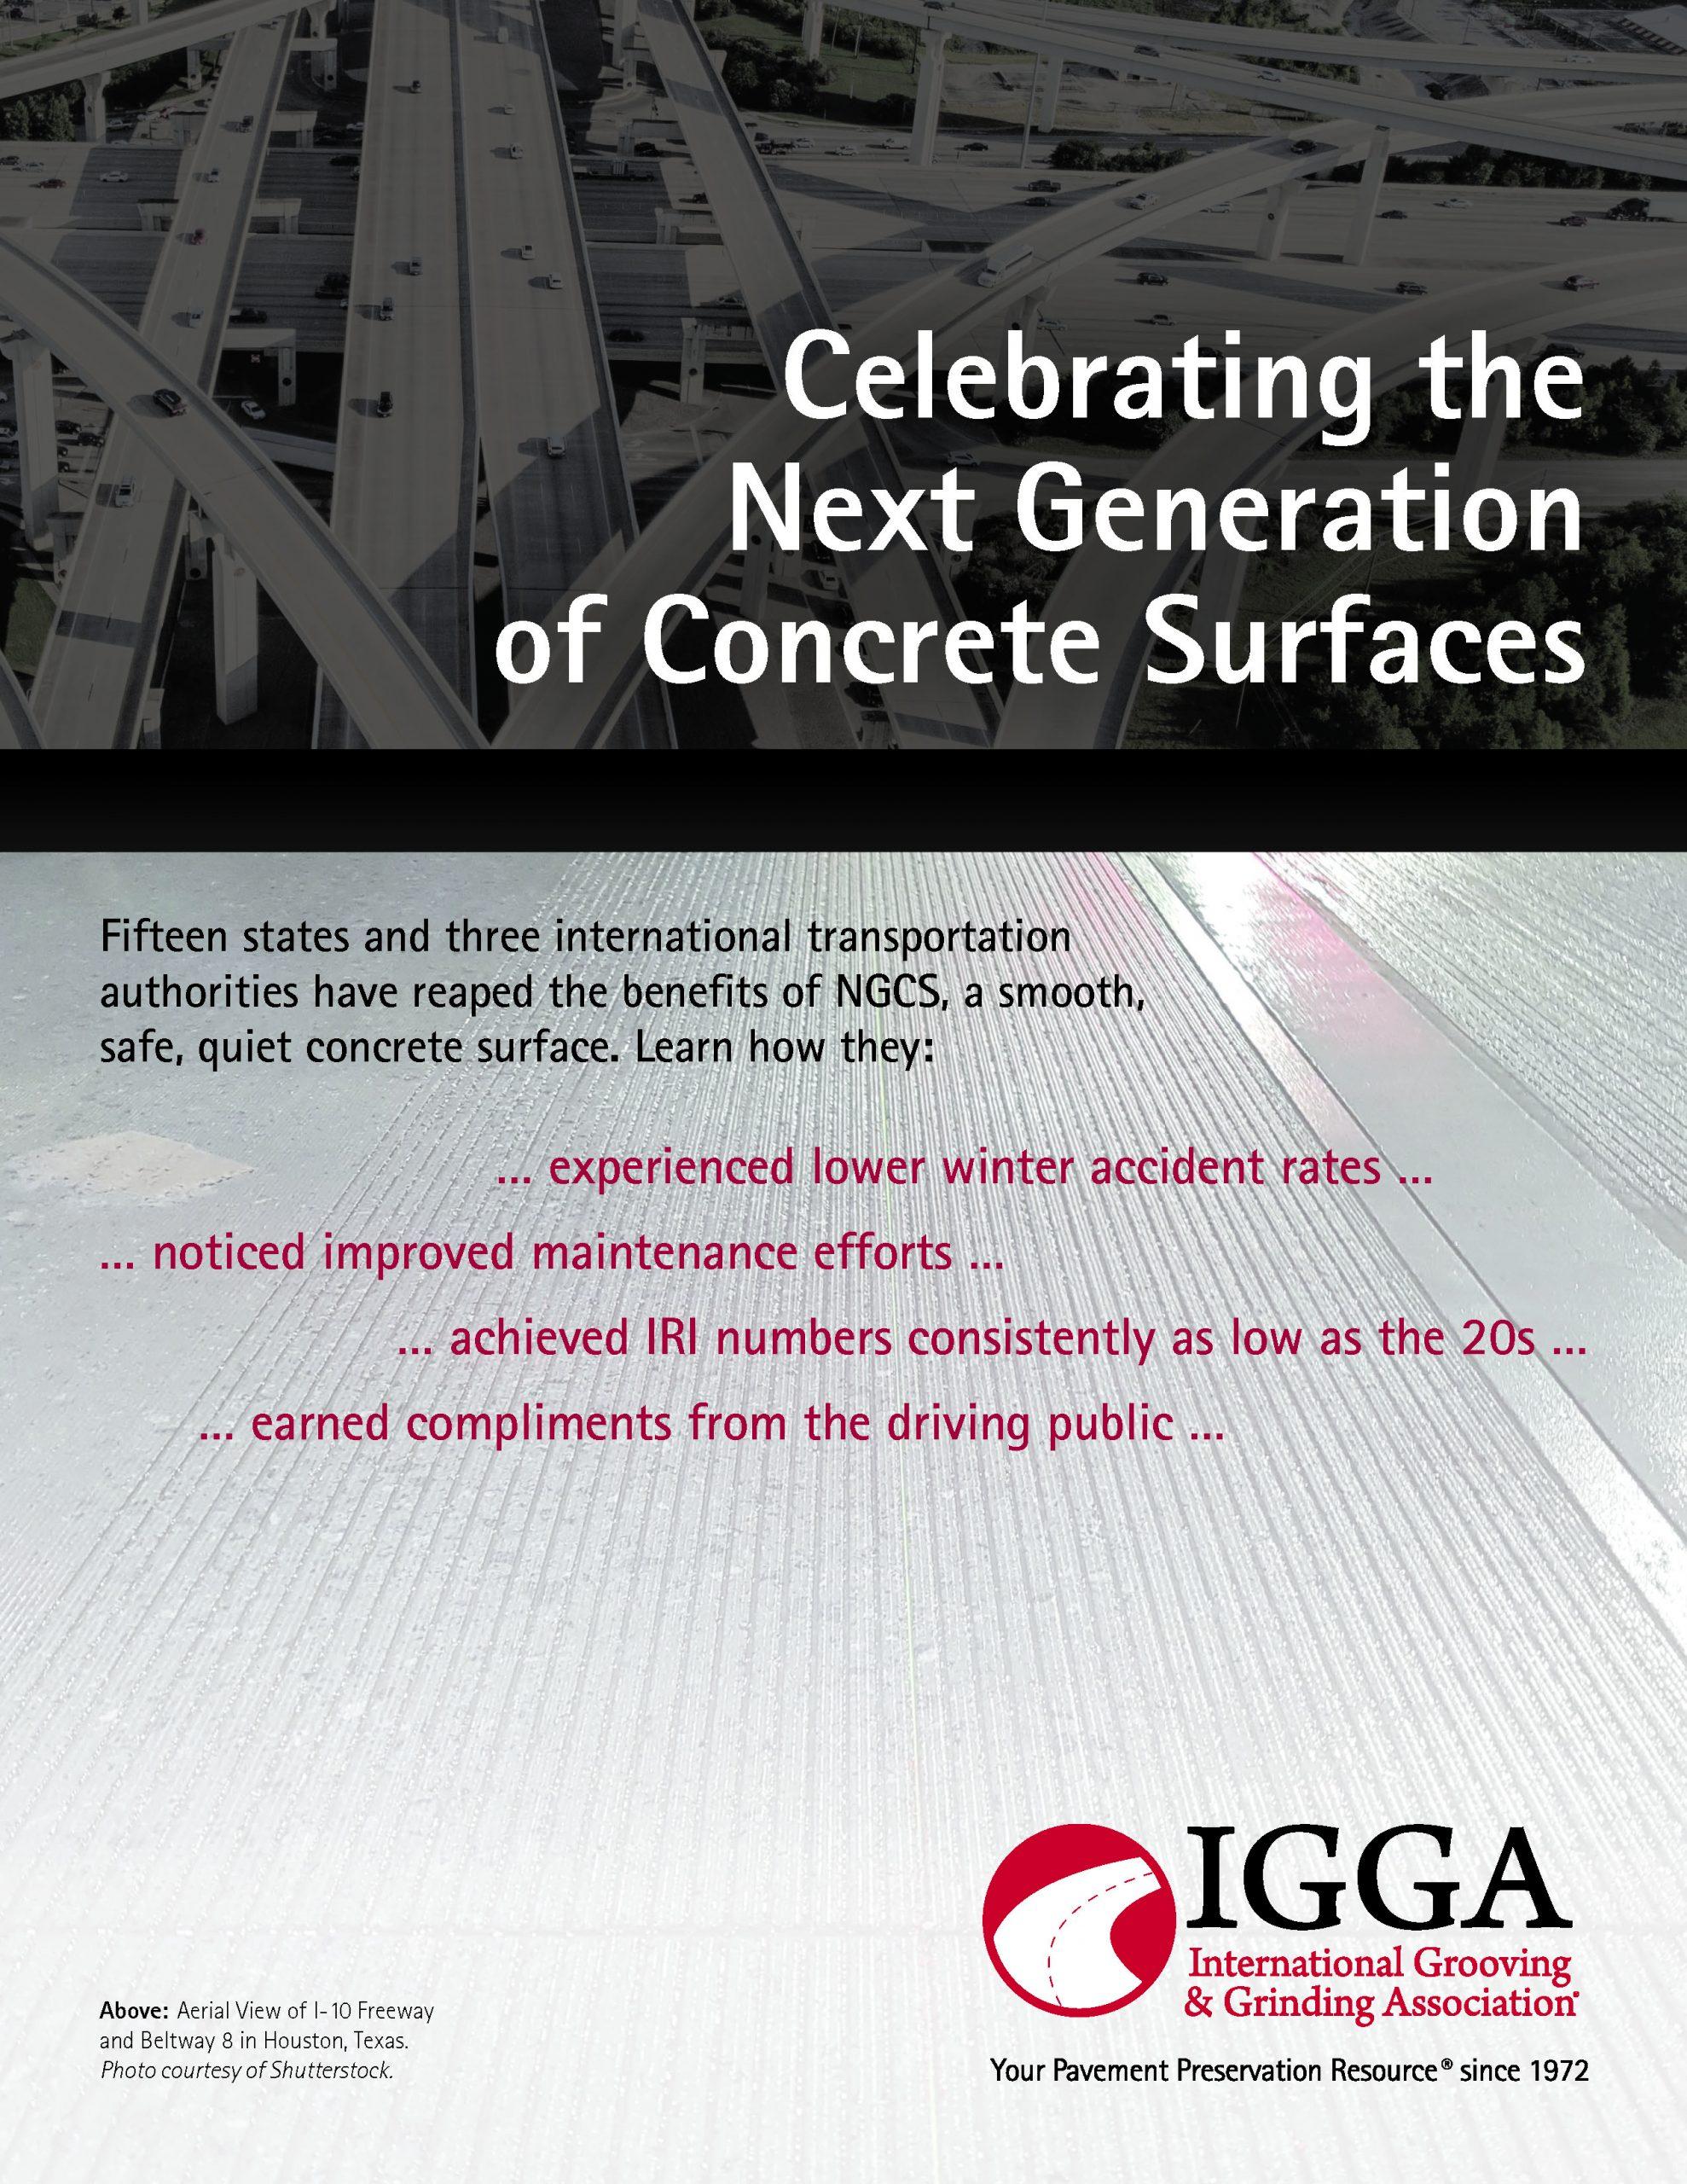 Next Generation Concrete Surfaces